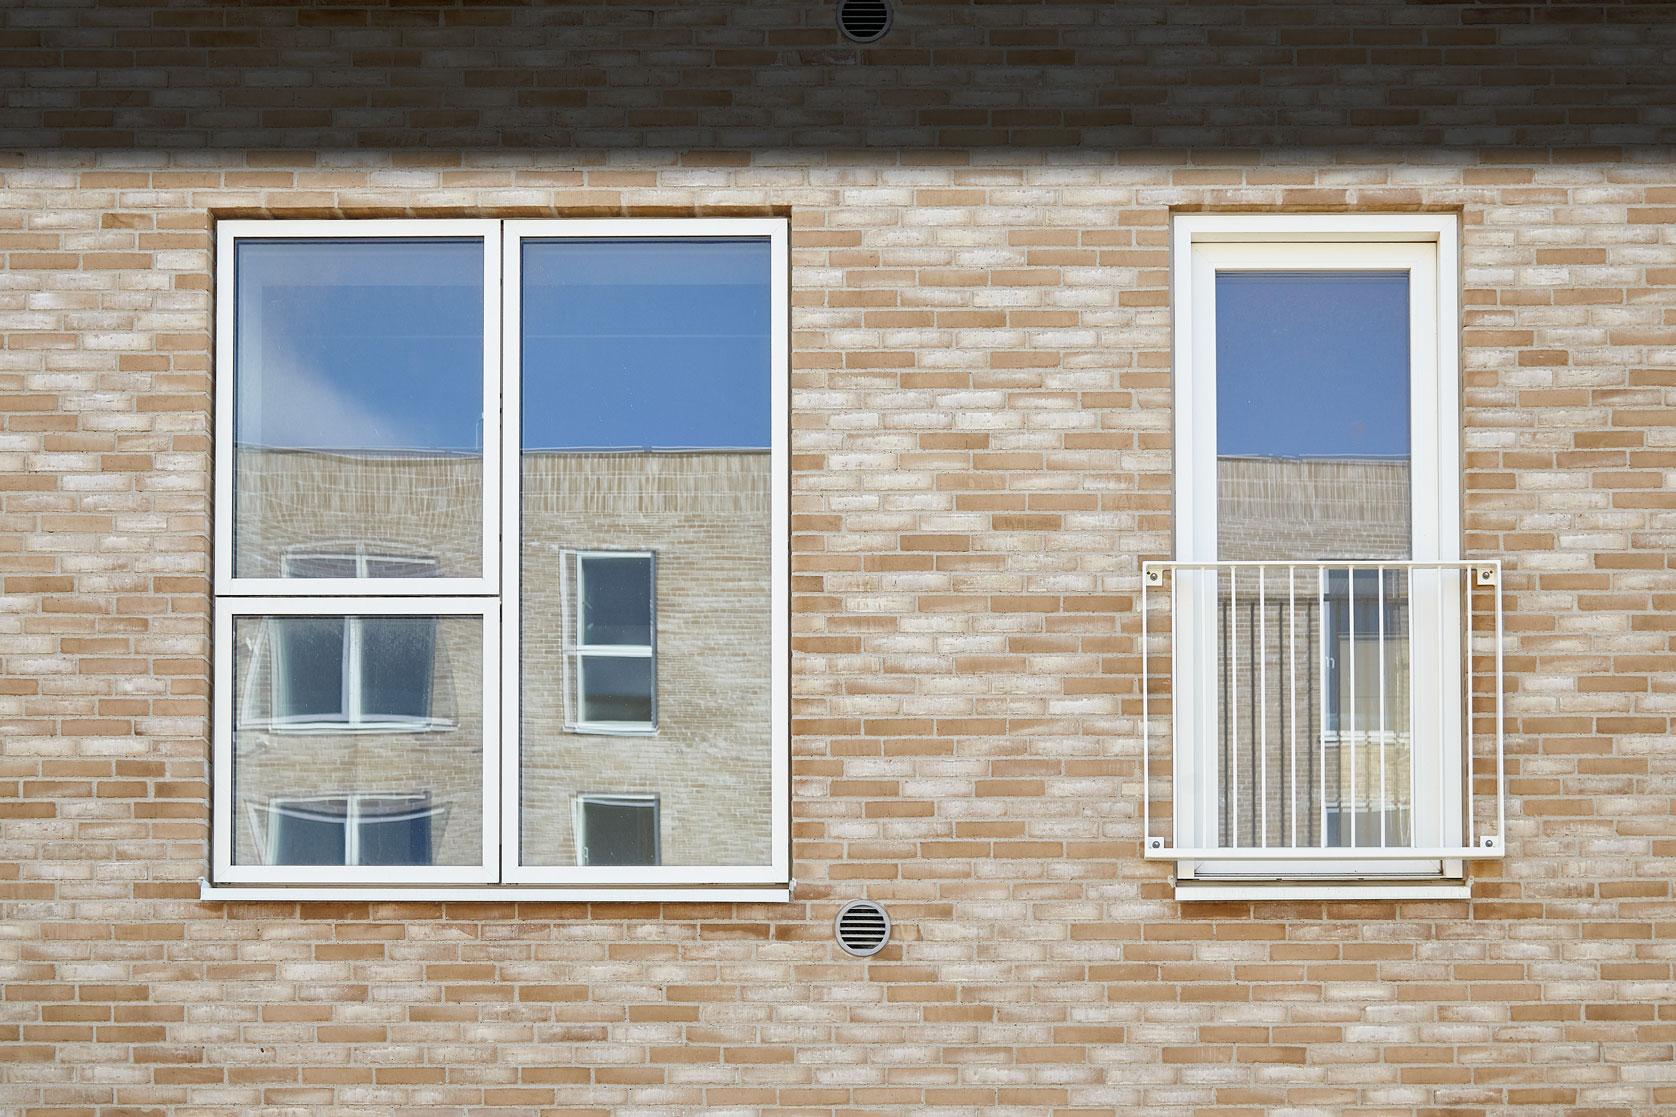 Gudrunsvej Aarhus nybyg | Vinther og Lassen tømrer, snedker, vinduer, tag